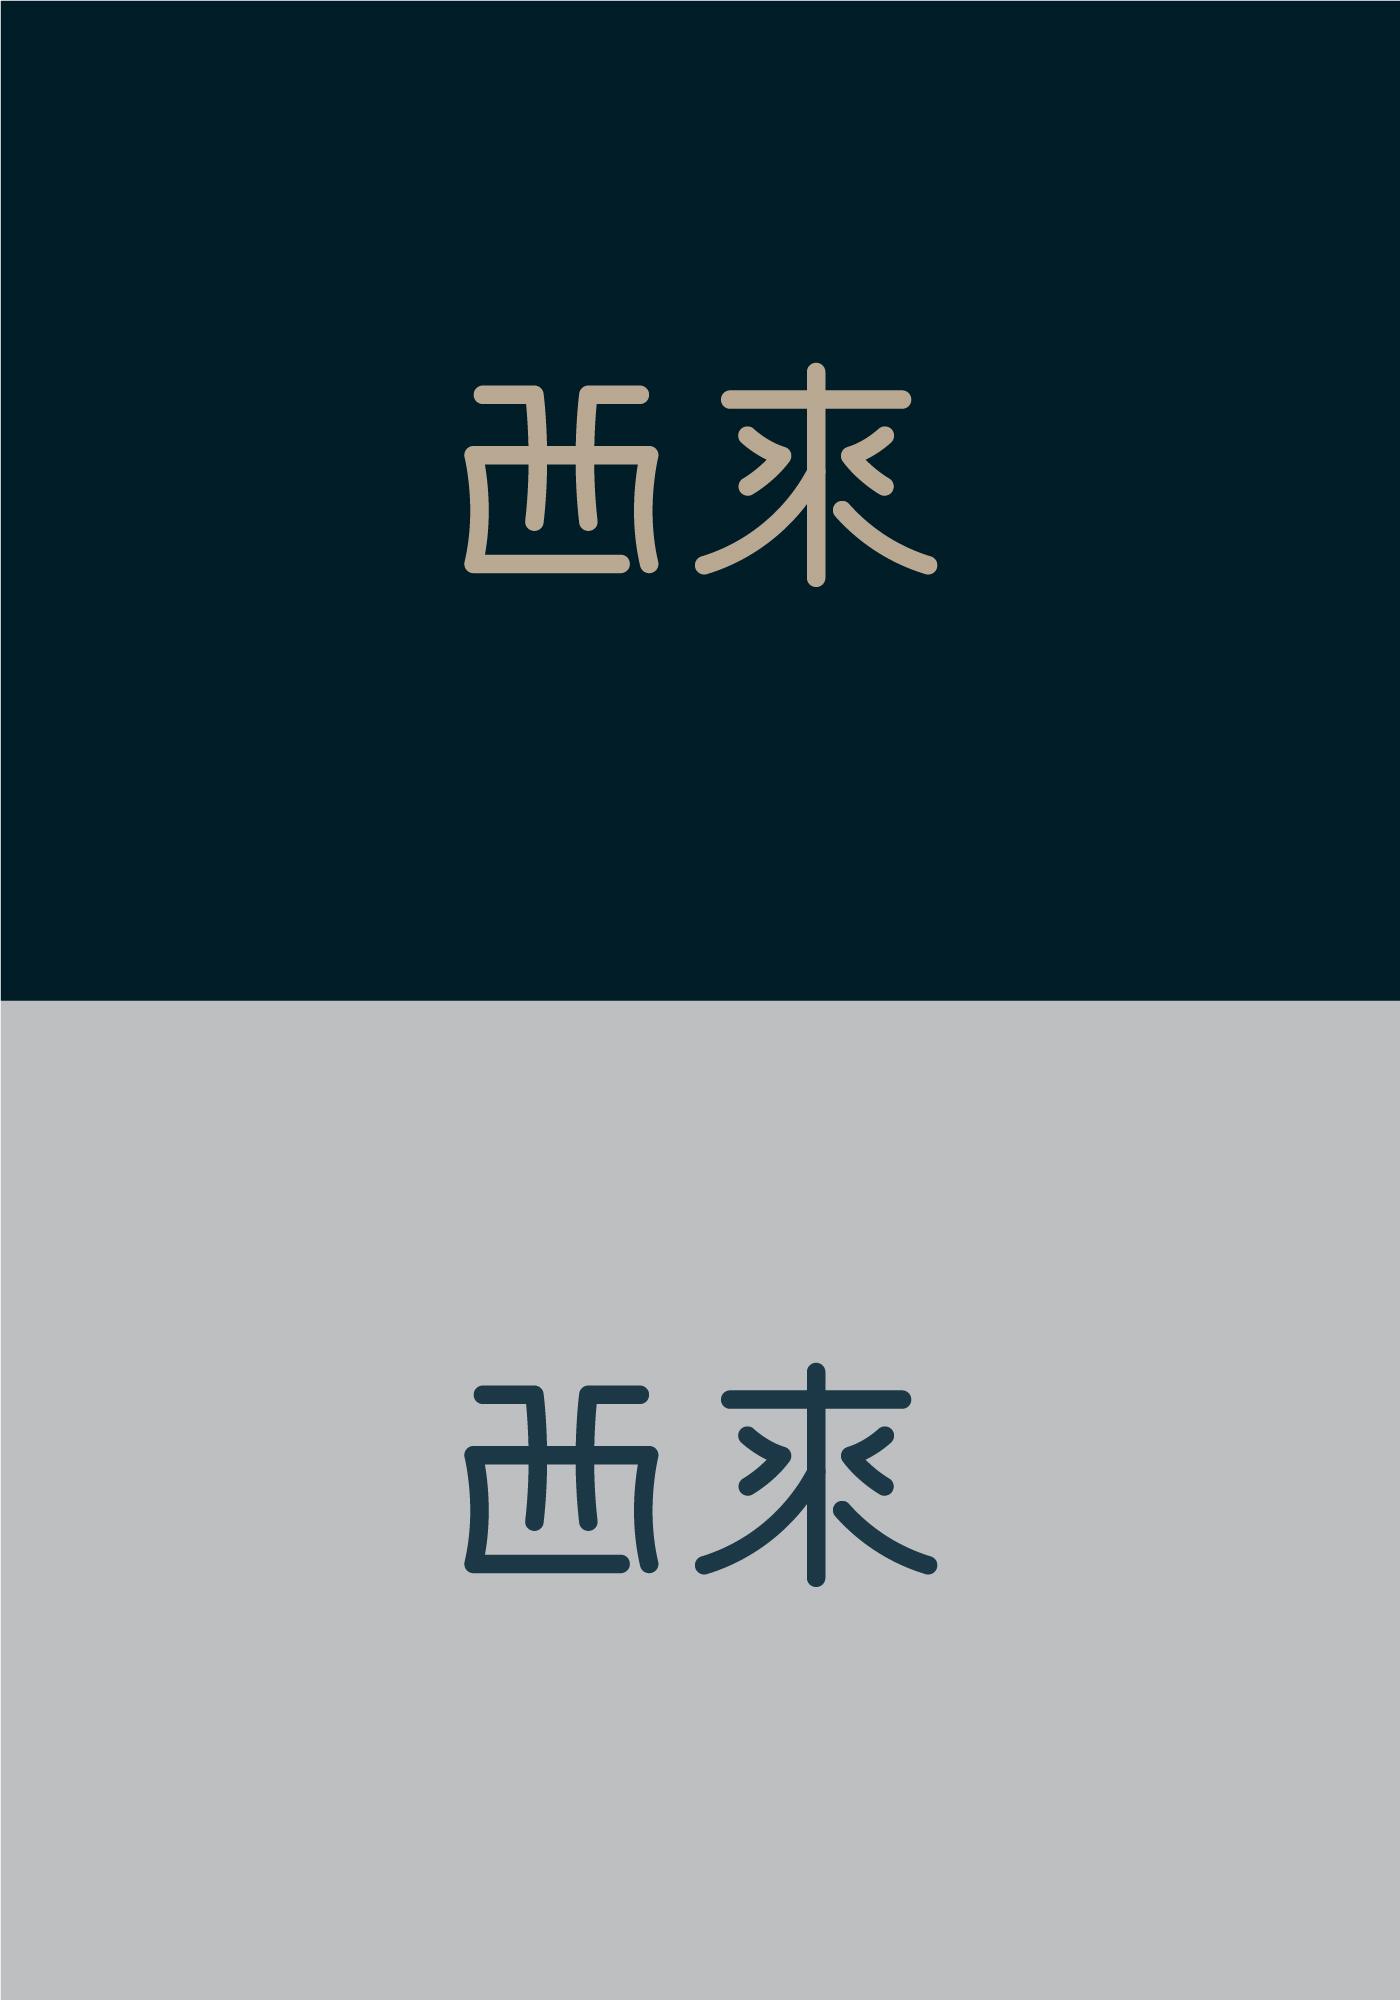 xilai-logo